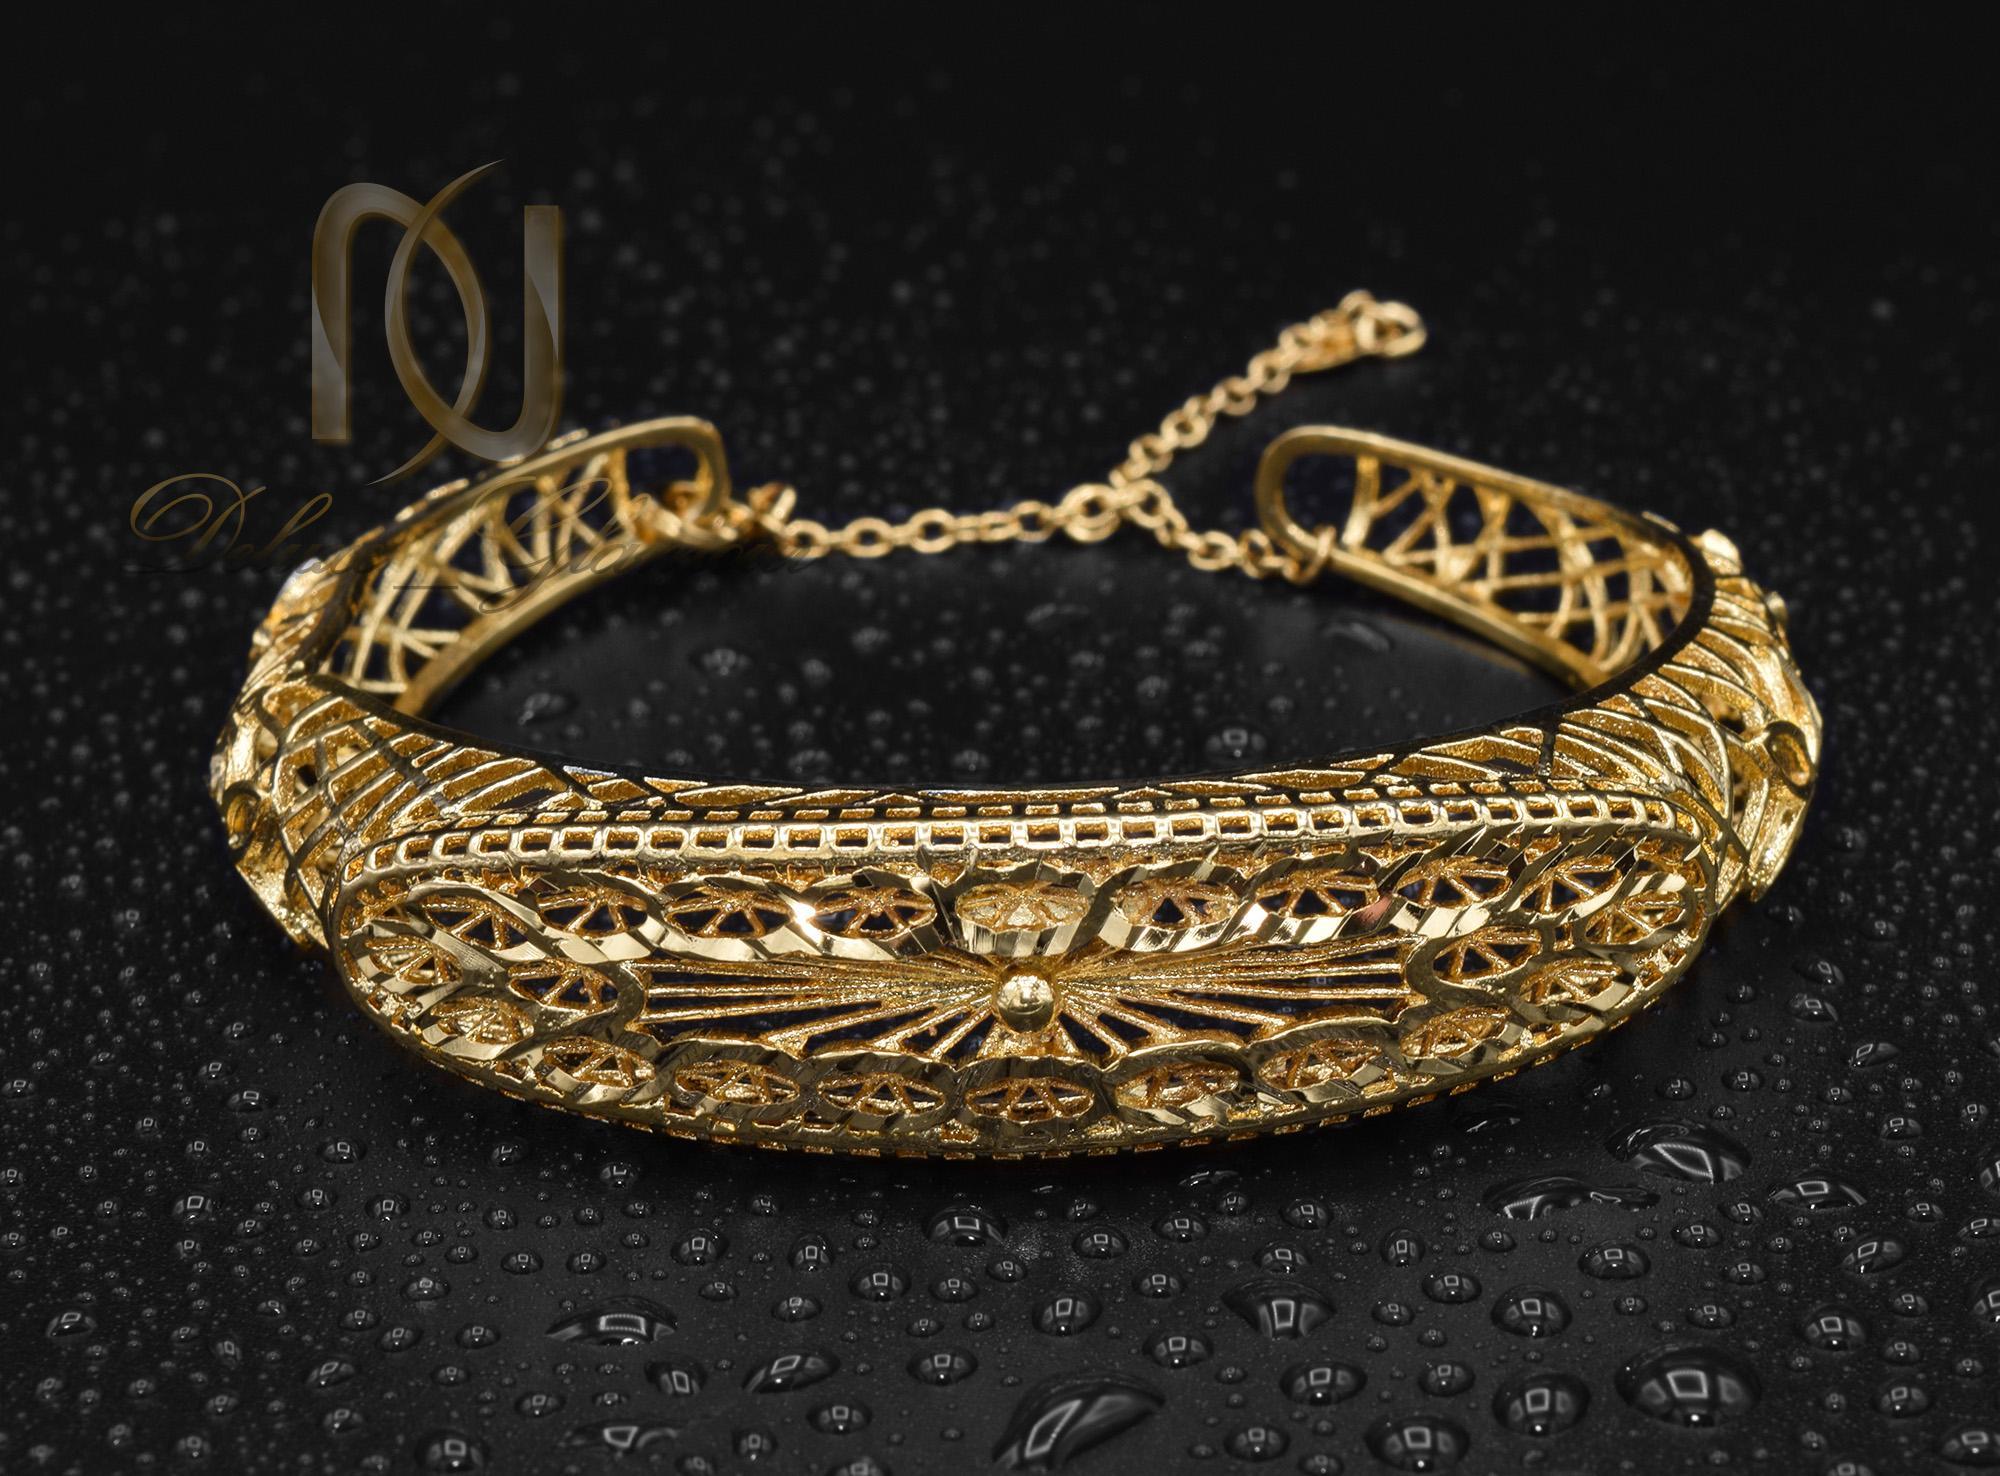 دستبند زنانه برنجی طرح طلا ds-n370 از نمای مشکی